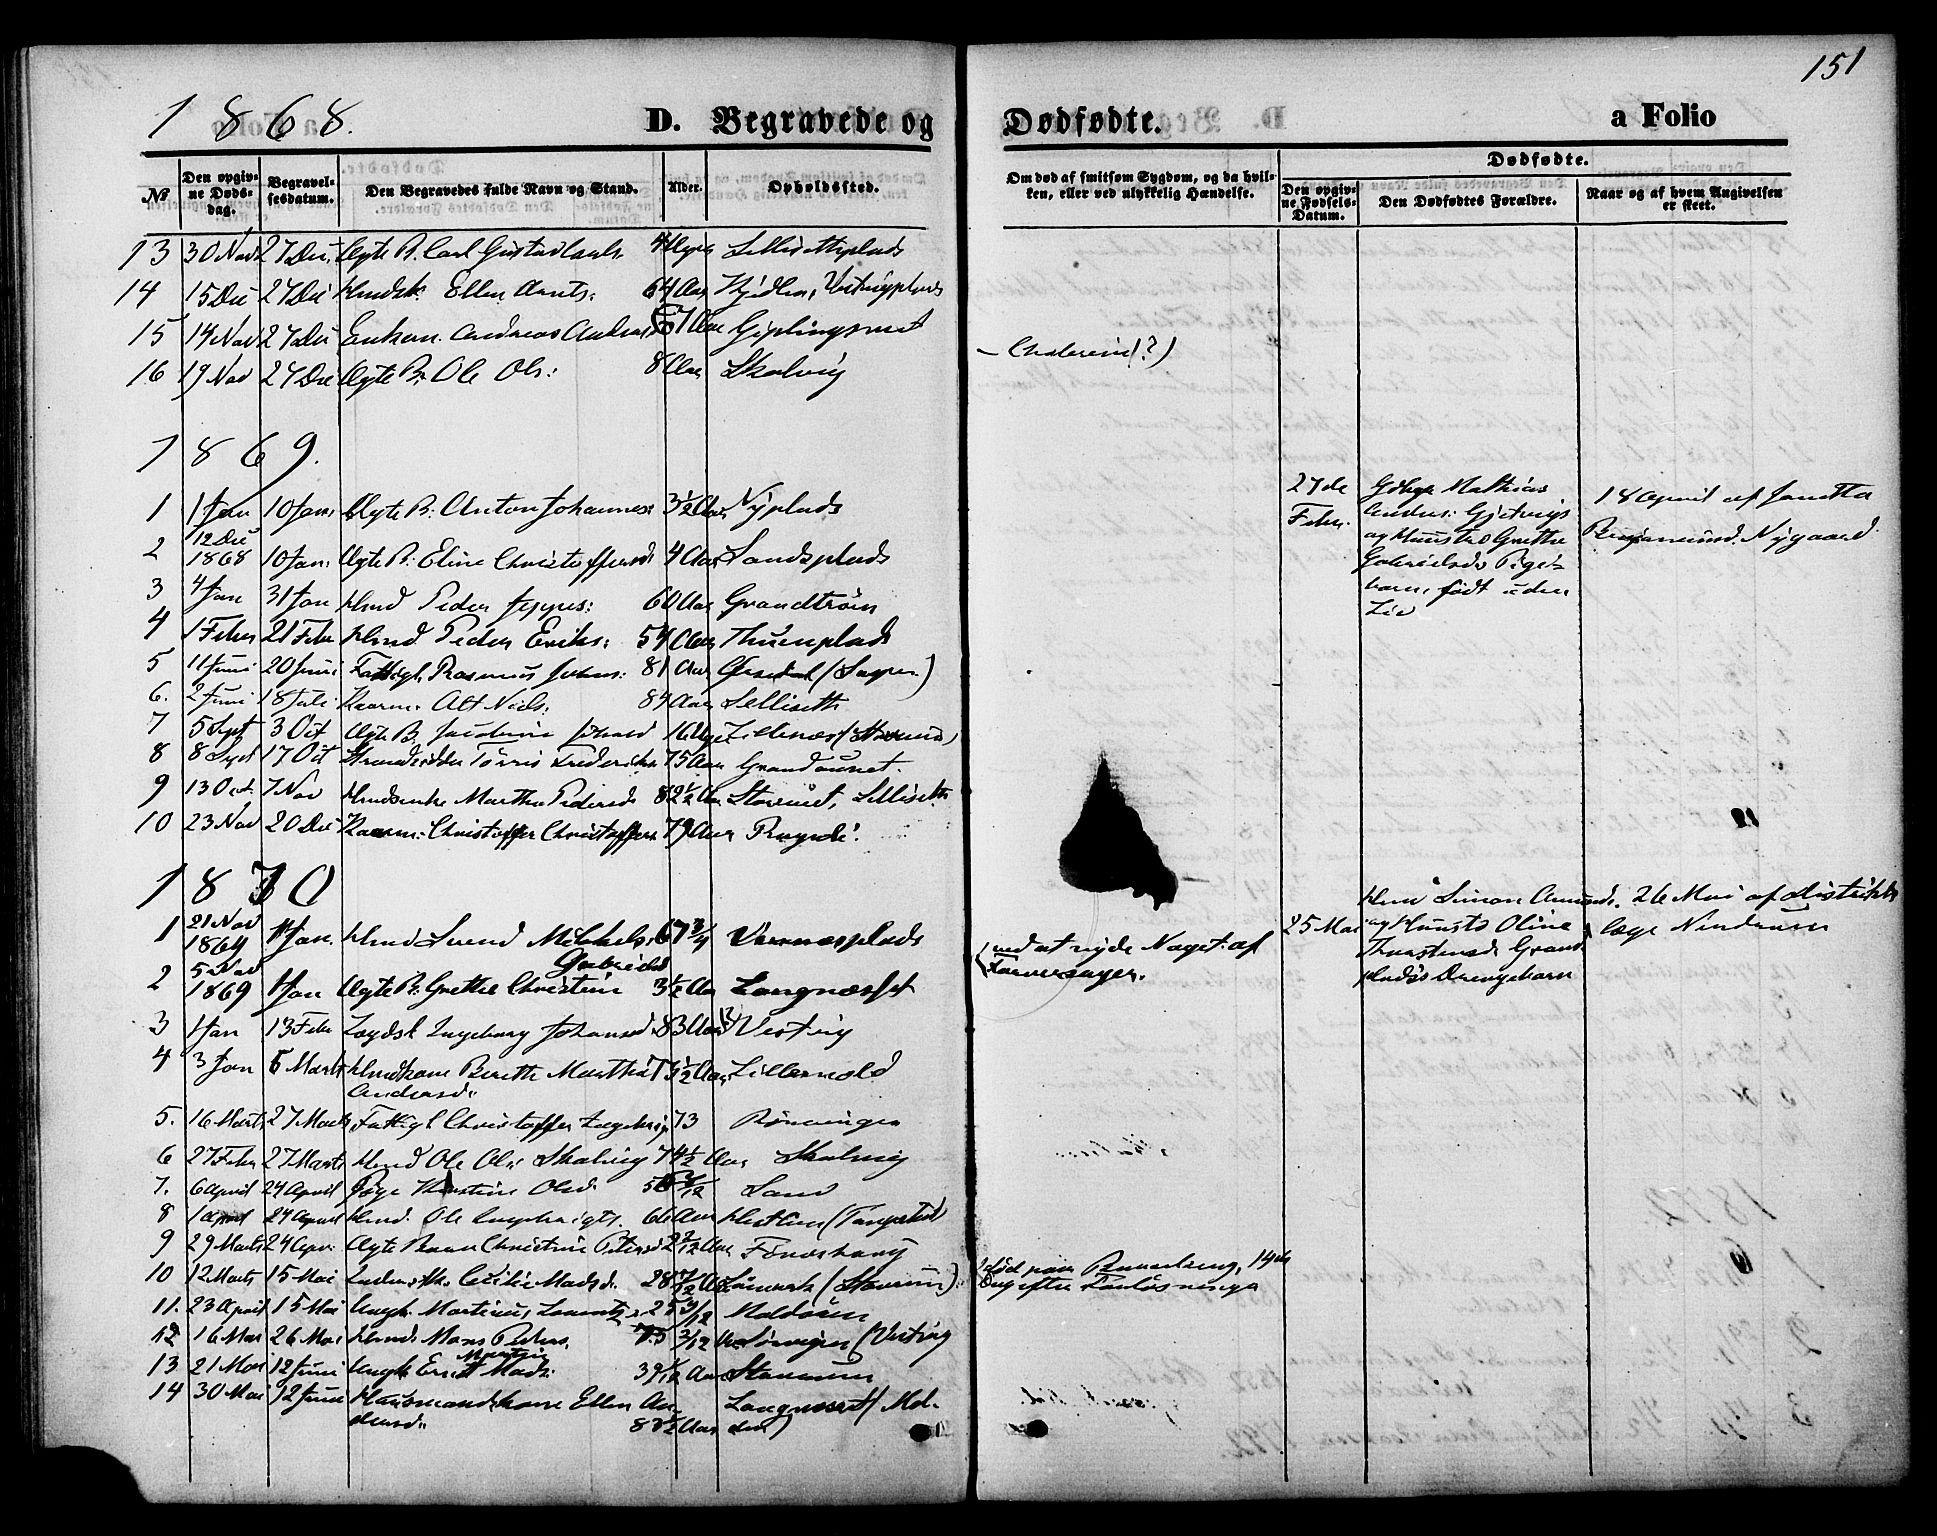 SAT, Ministerialprotokoller, klokkerbøker og fødselsregistre - Nord-Trøndelag, 744/L0419: Ministerialbok nr. 744A03, 1867-1881, s. 151